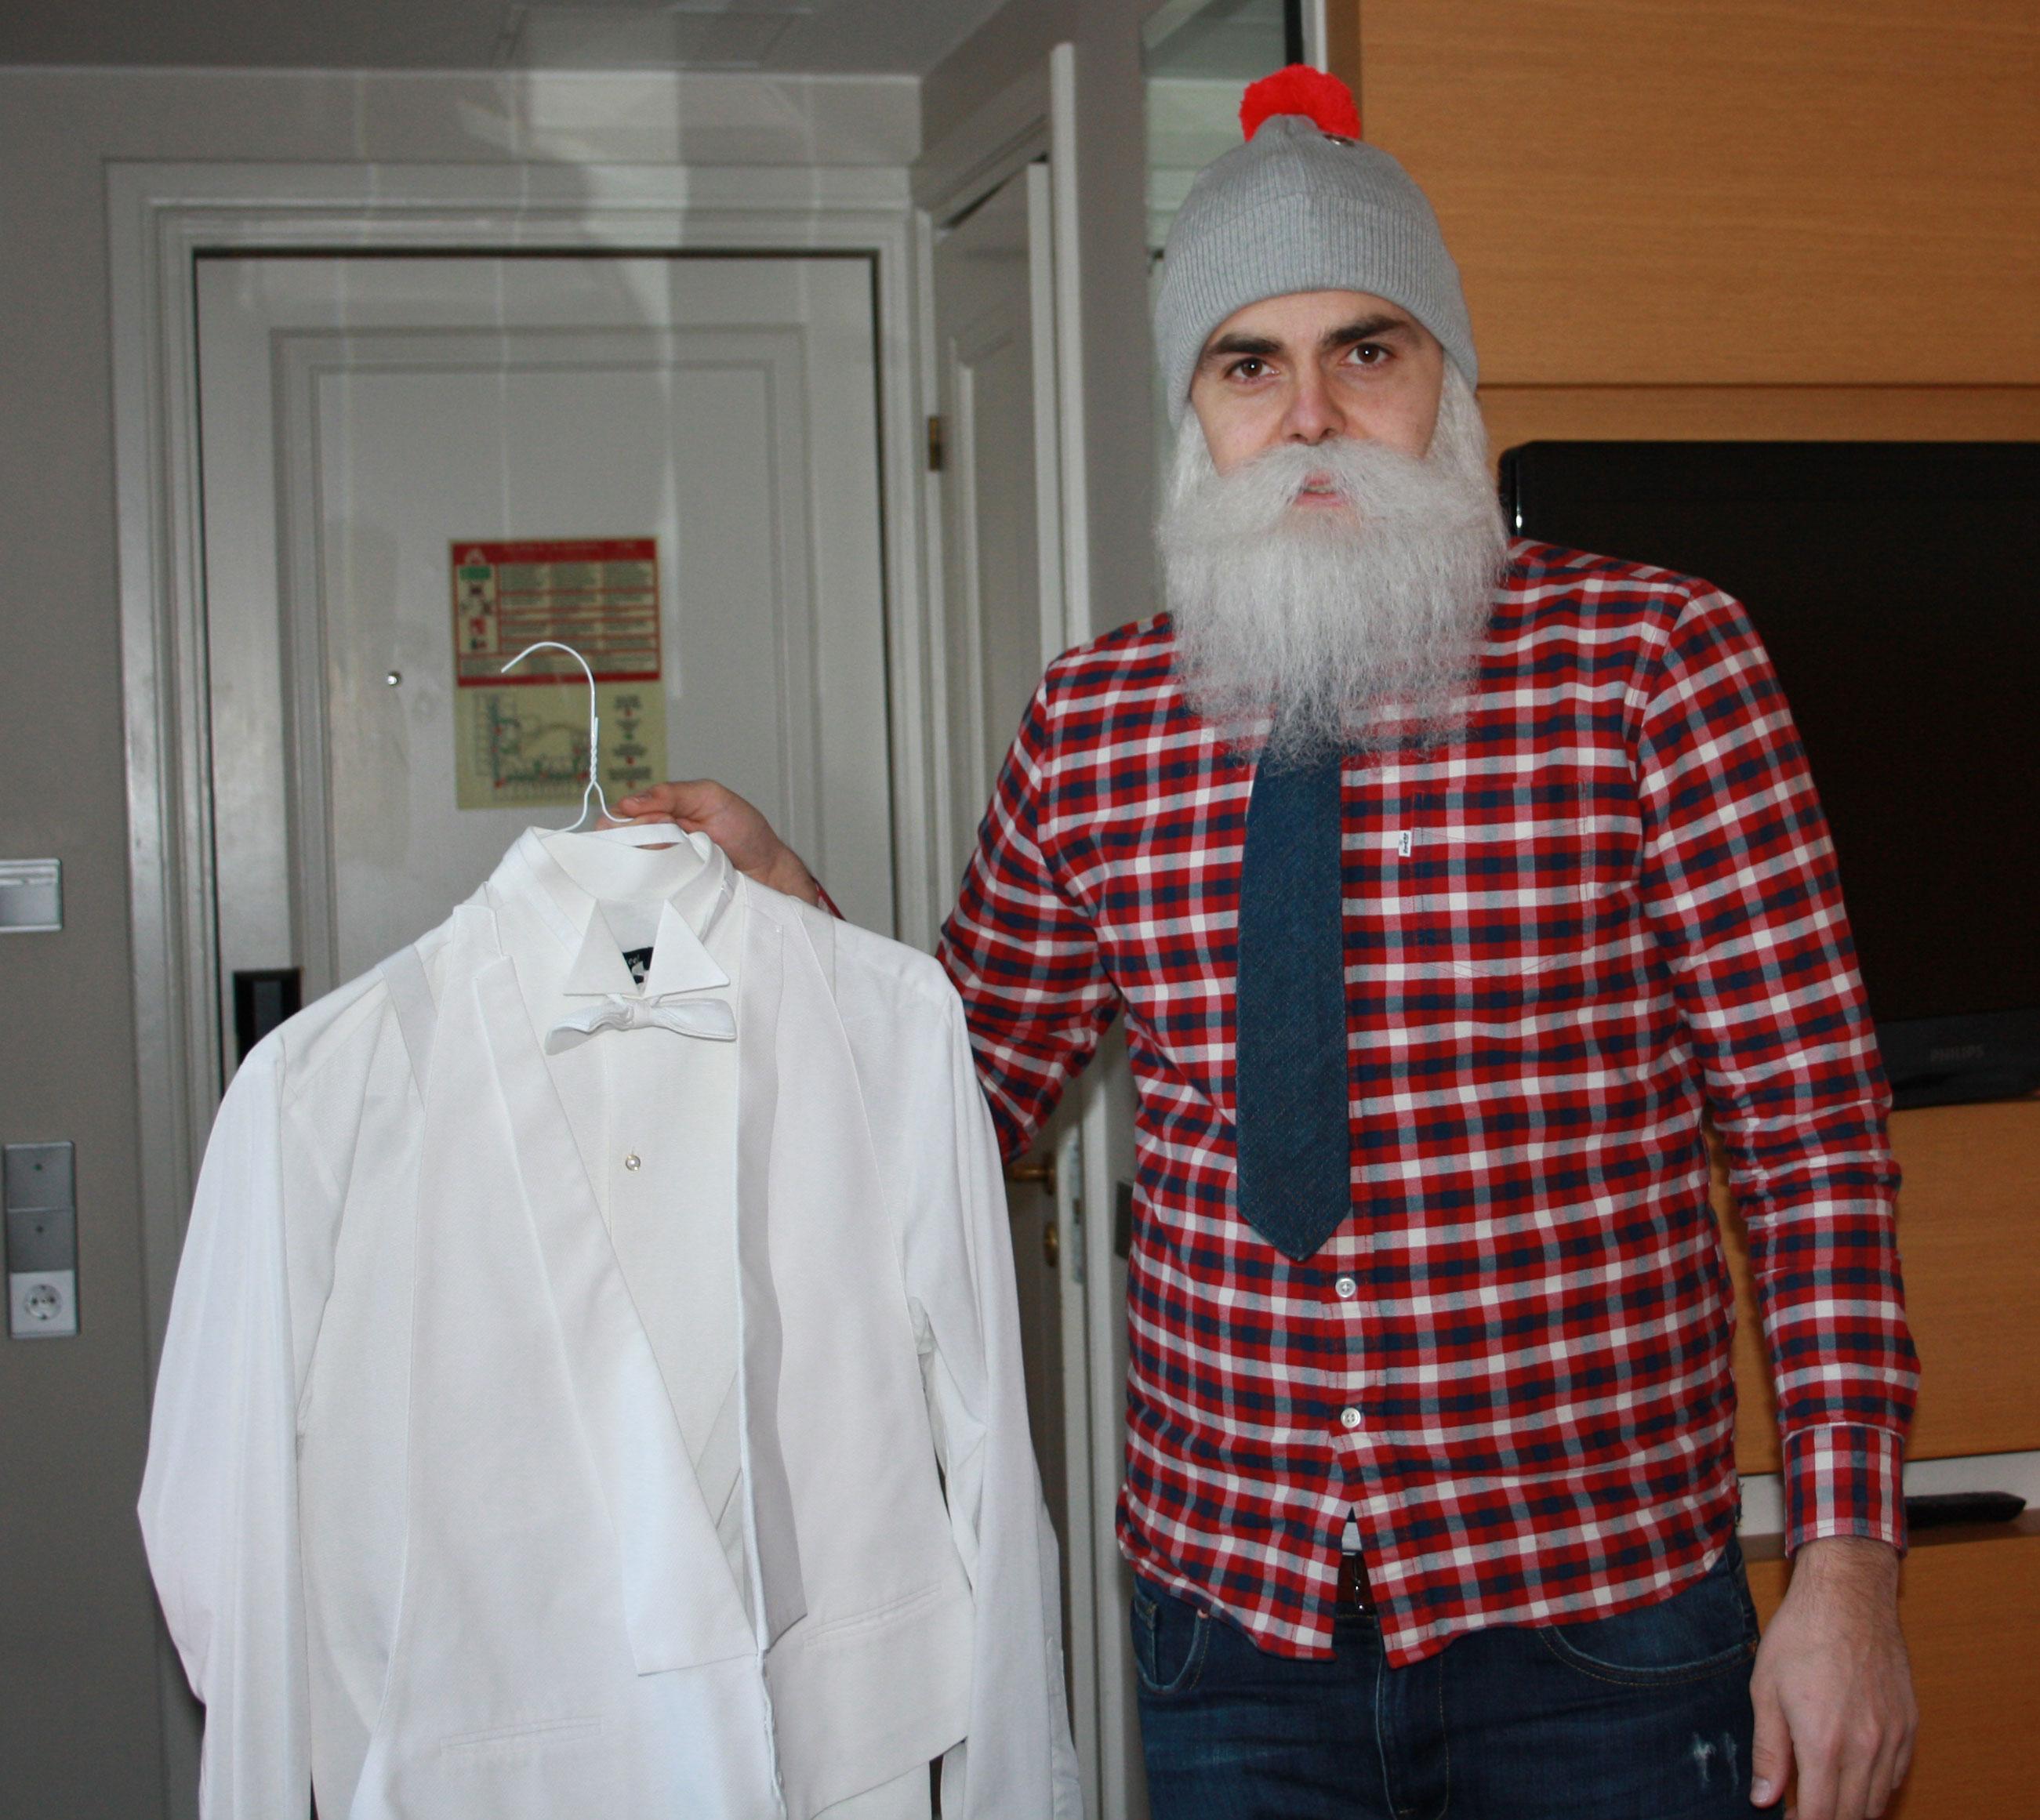 - Onneksi minulla on pukeutumisavustaja, joka tulee auttamaan minua frakin kanssa.